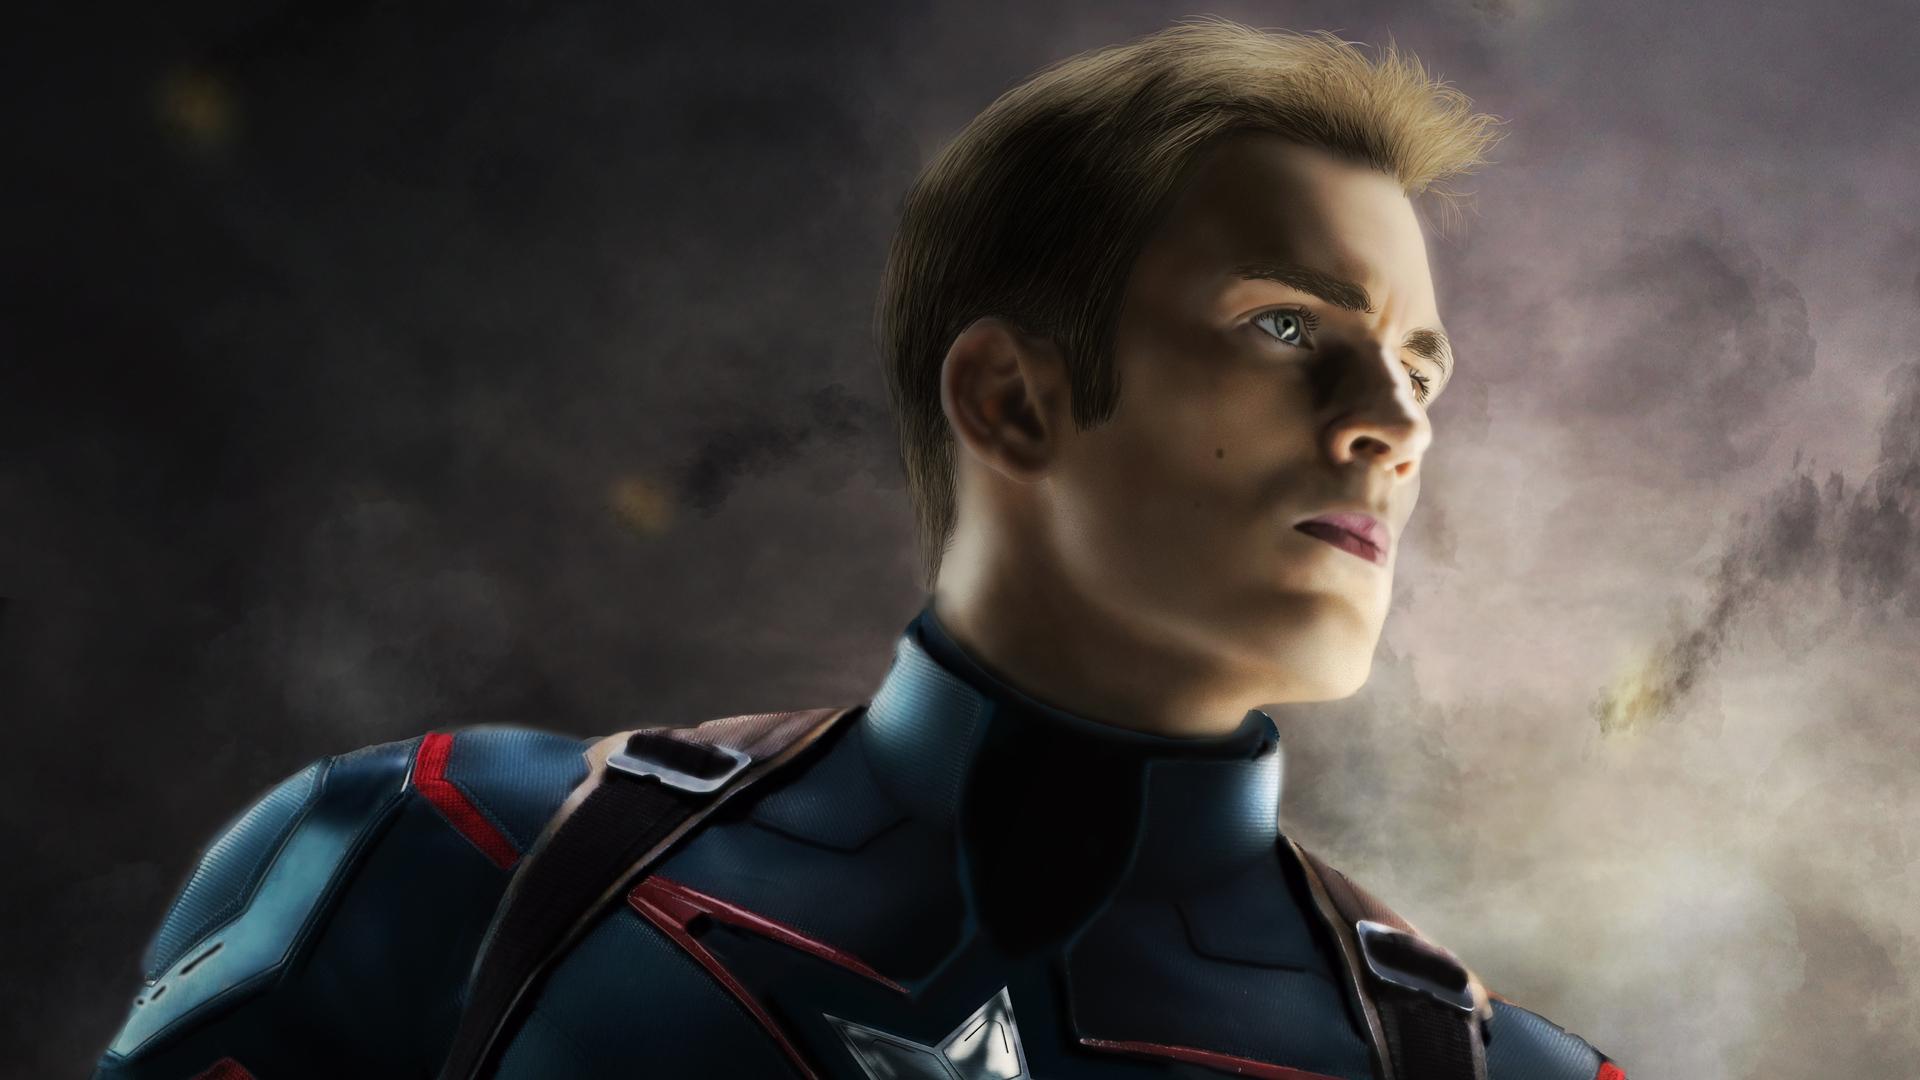 captain-america-5k-art-7l.jpg